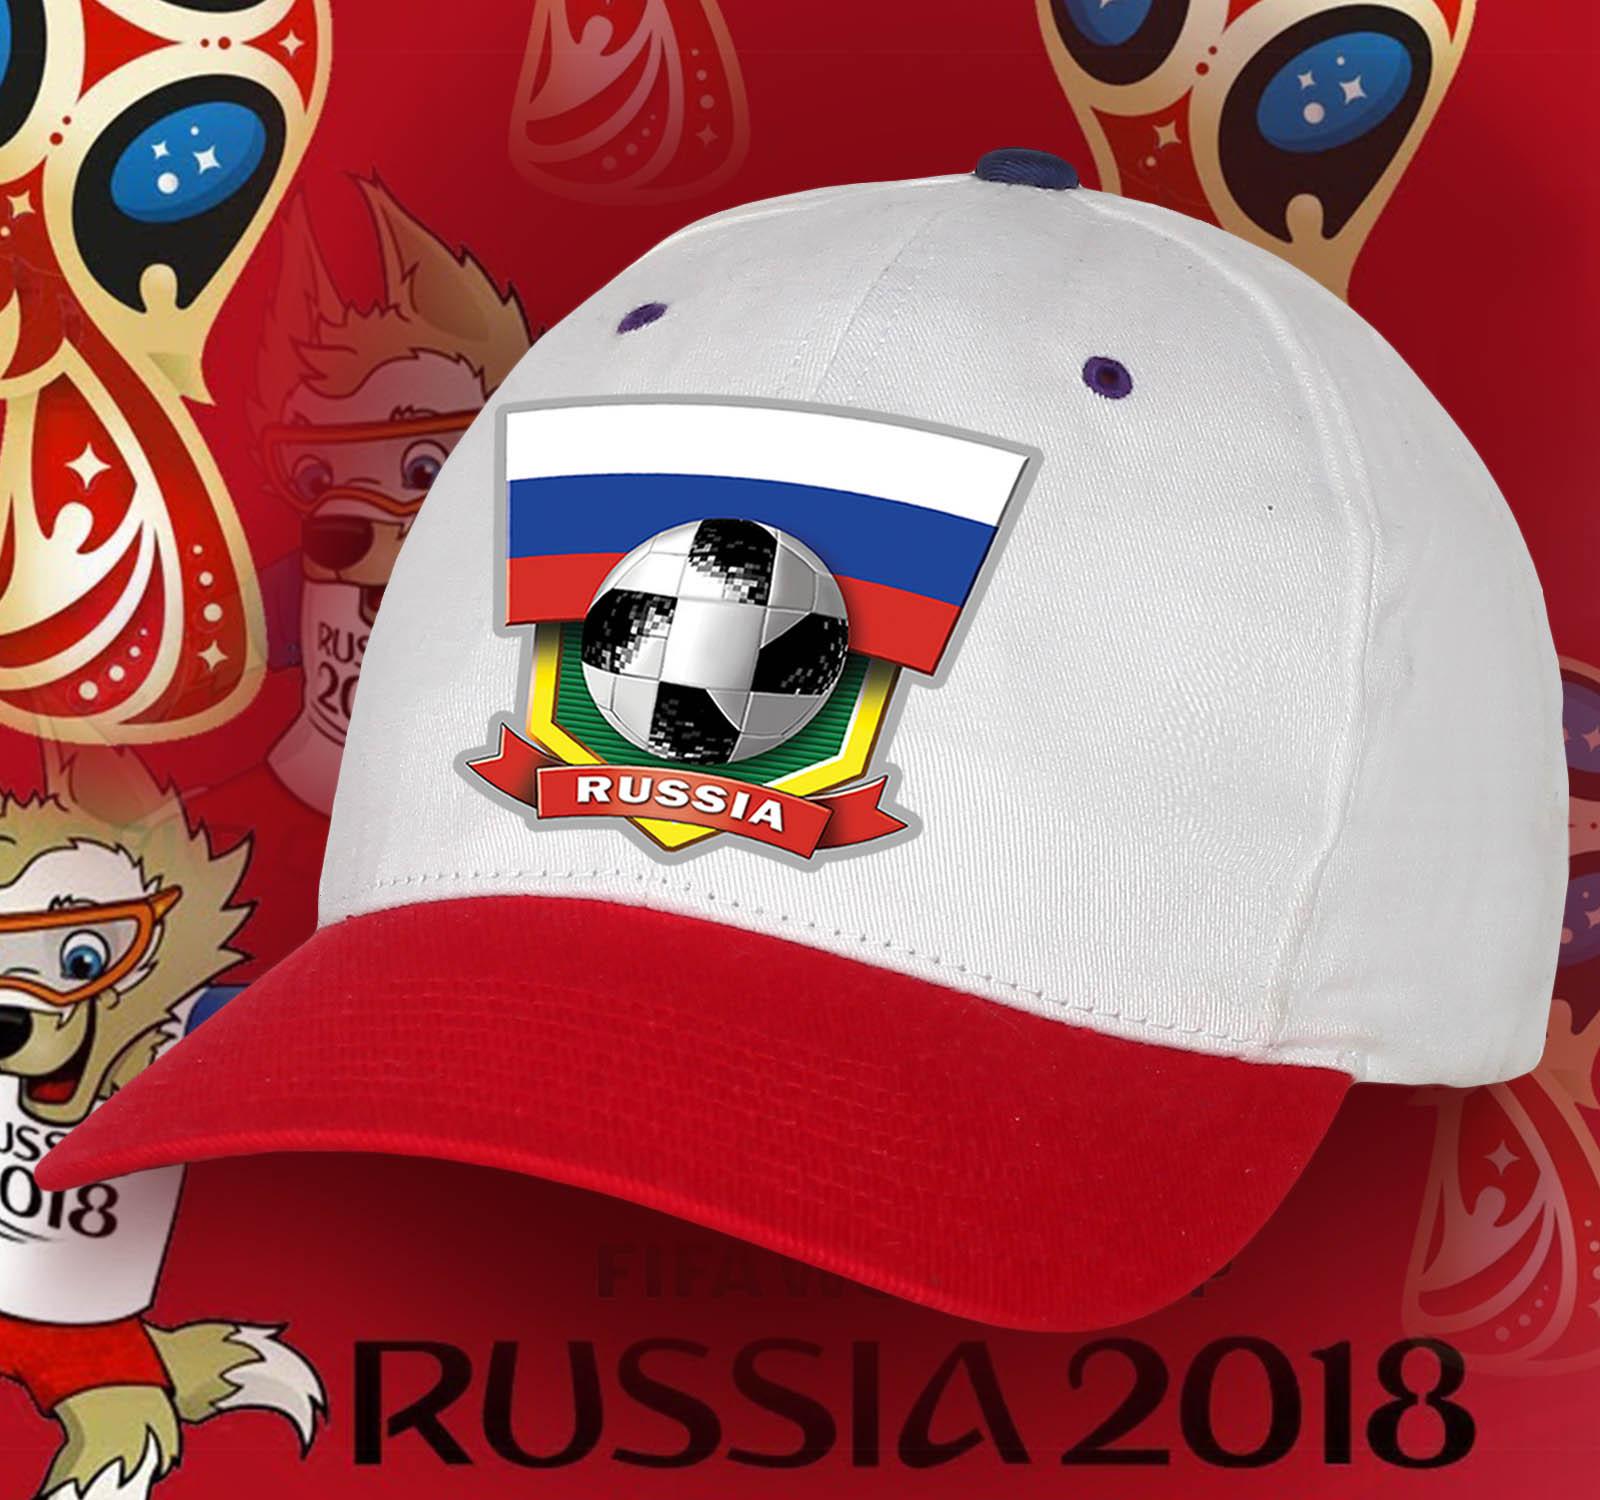 Патриотическая футбольная кепка сборной России